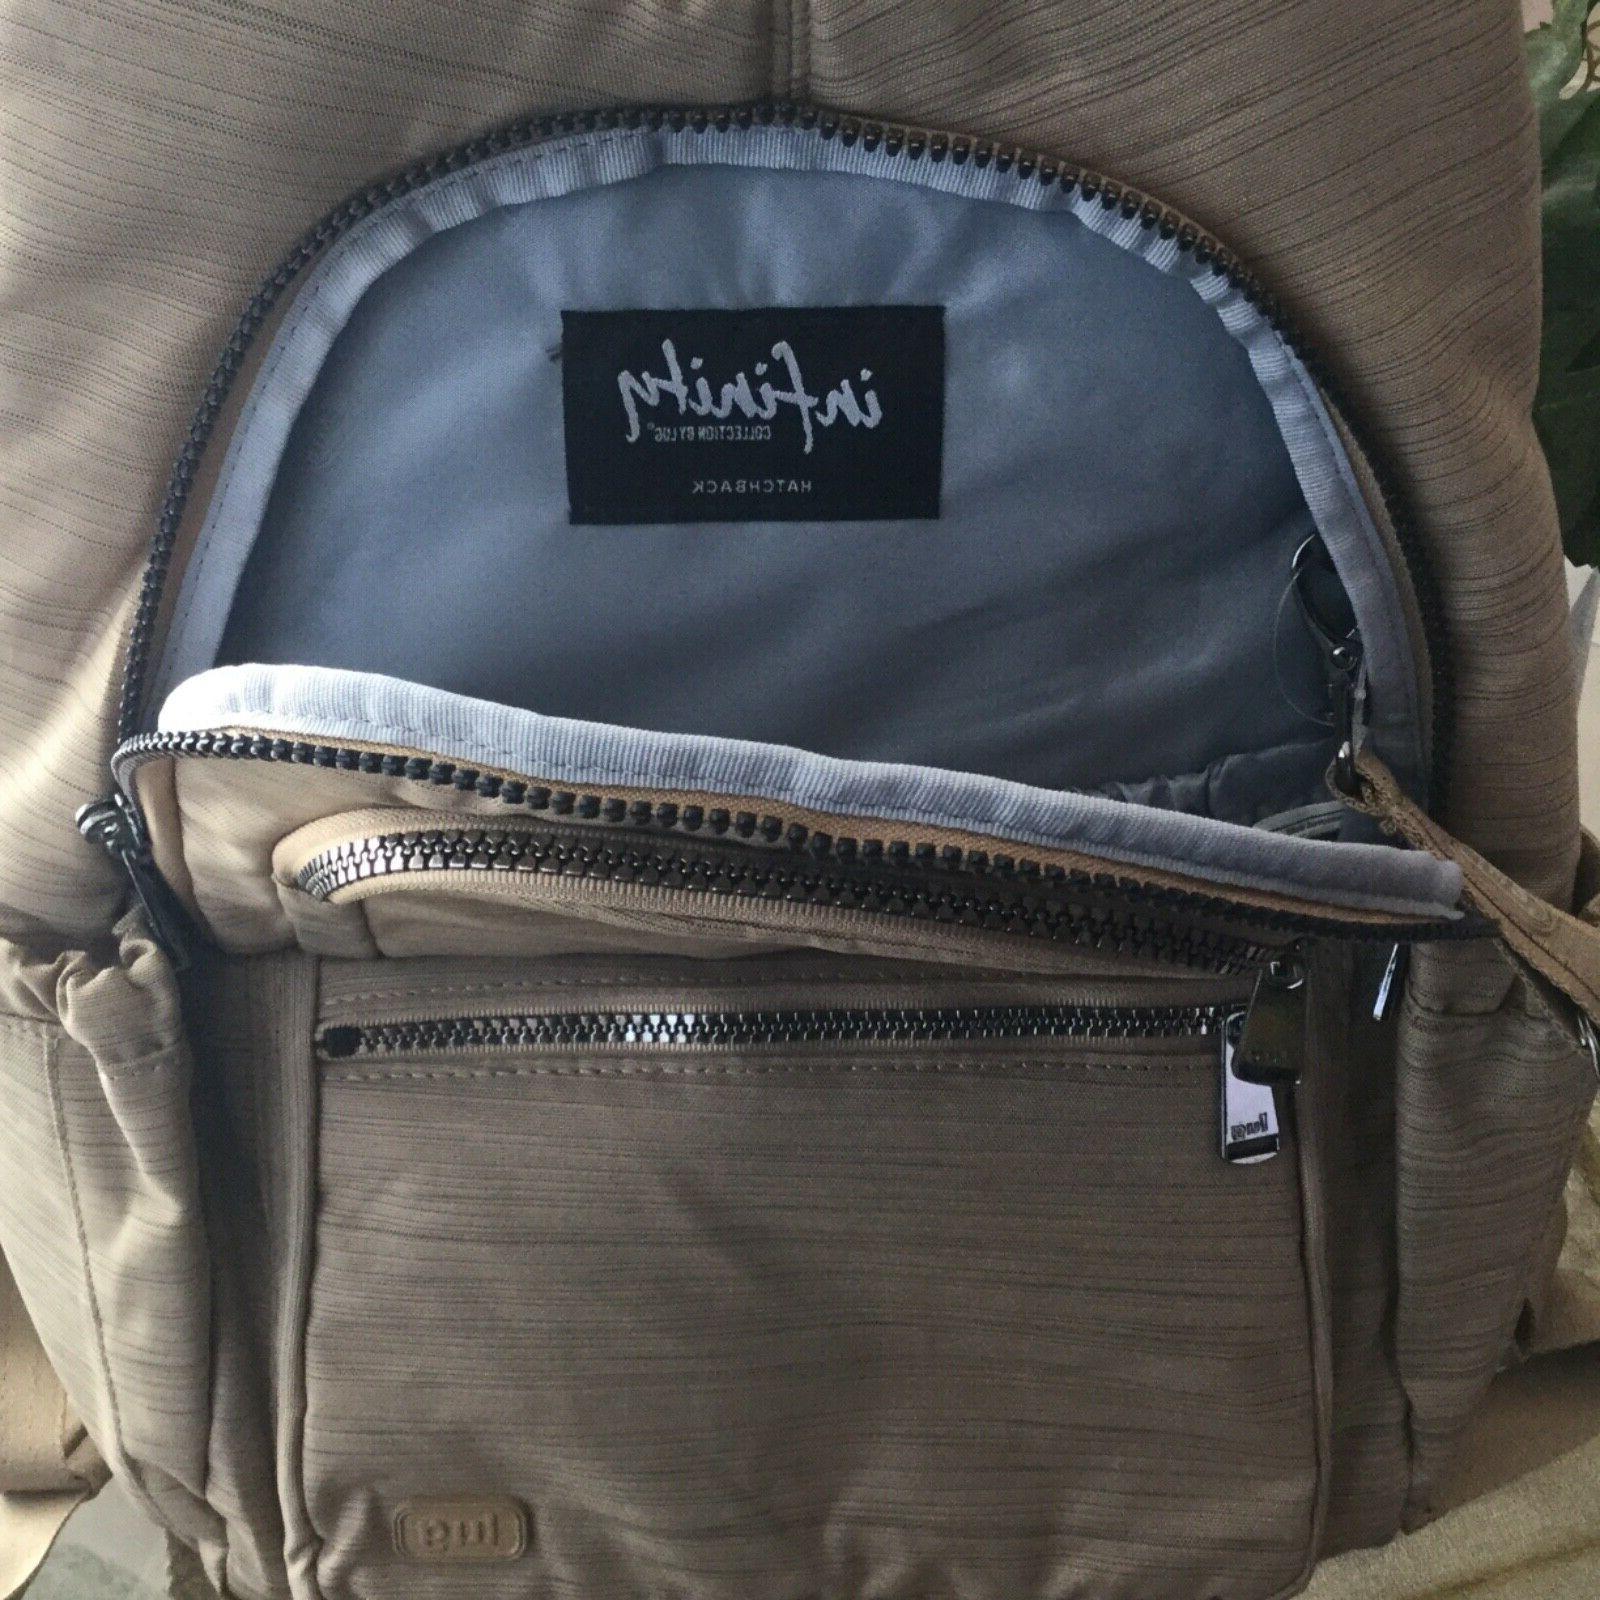 Lug Hatchback Travel School Commuter Handbag Brushed